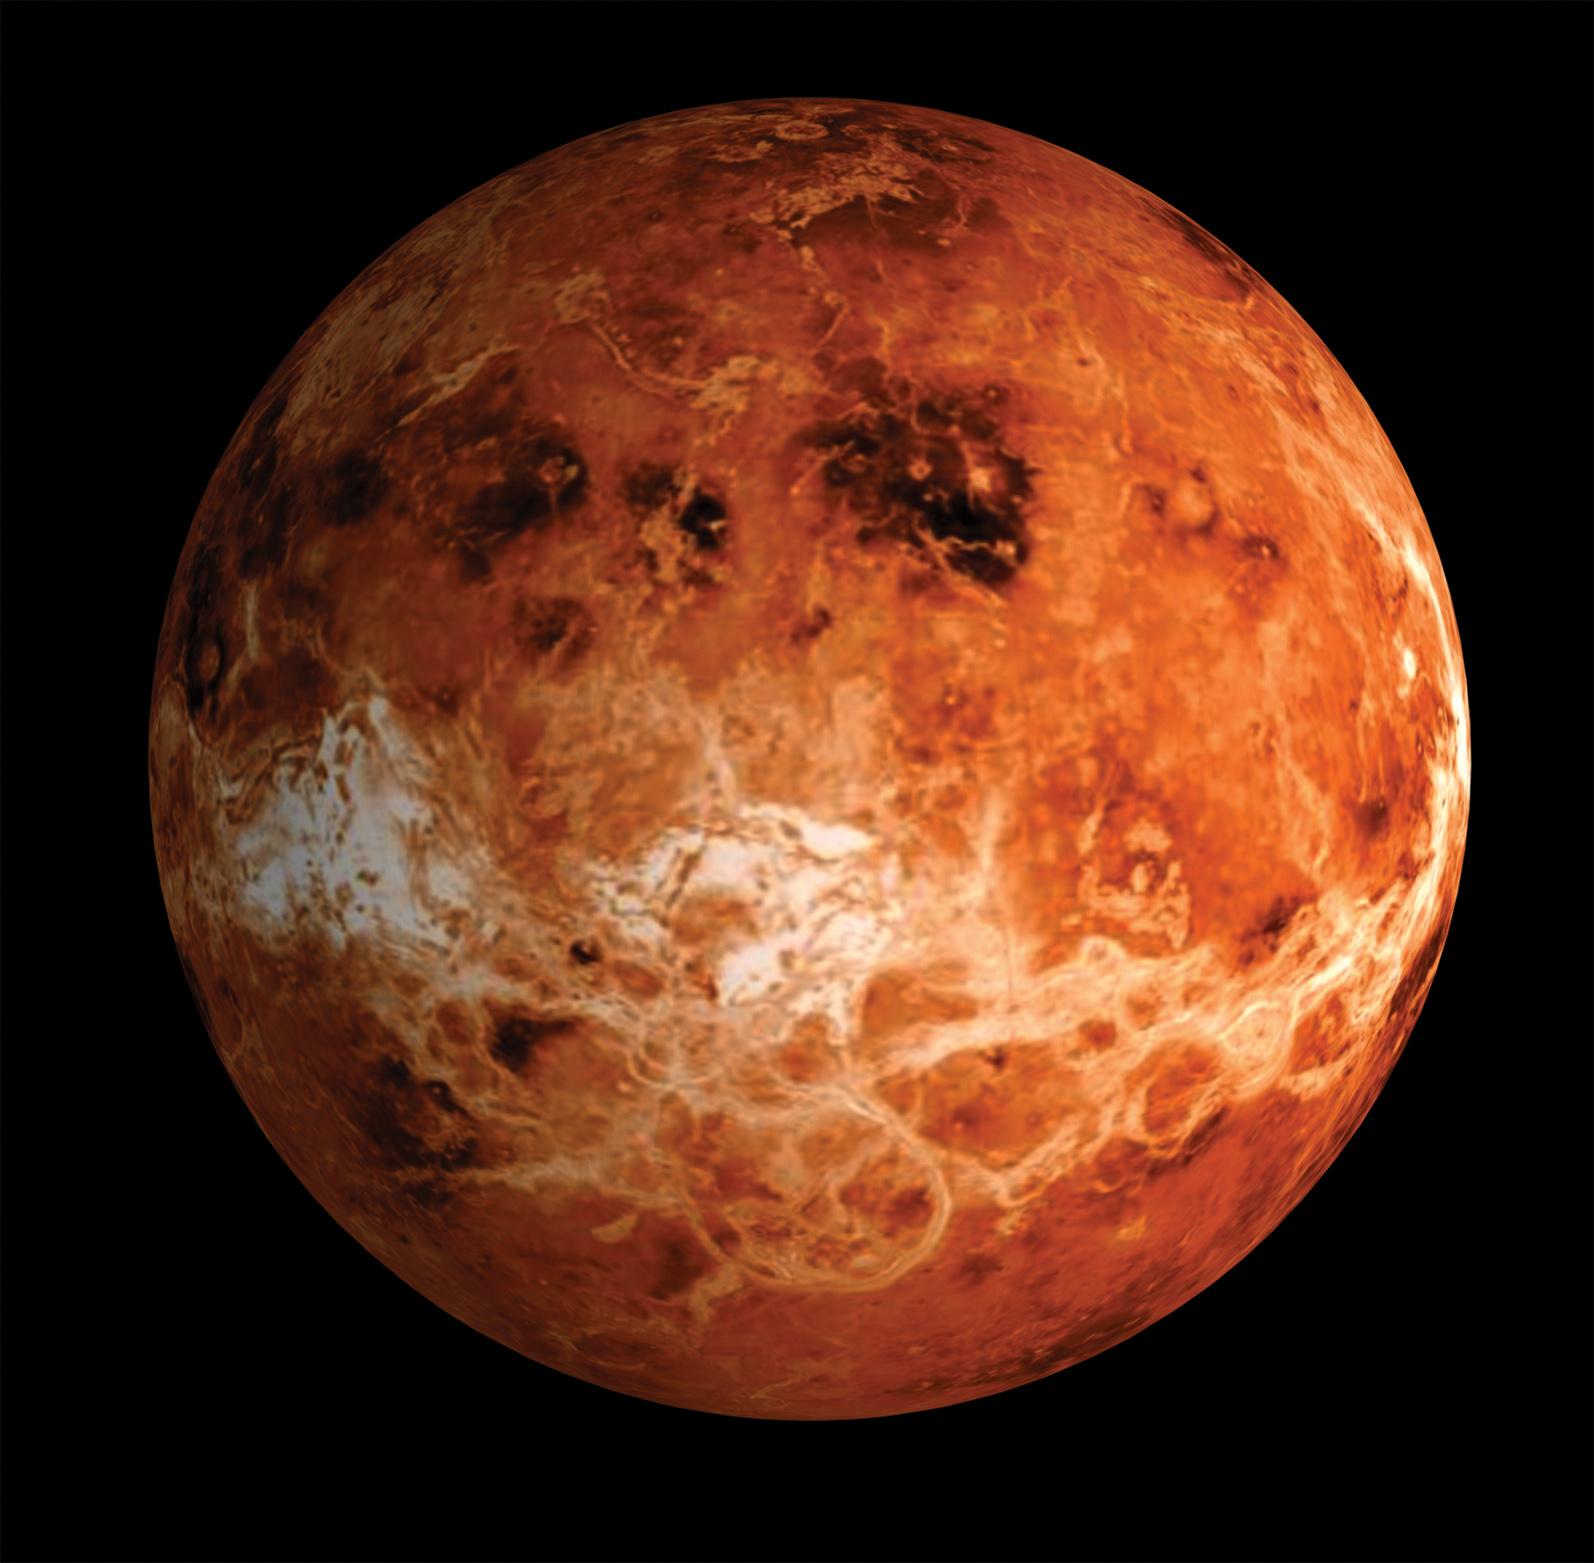 venus planet images - HD1594×1563